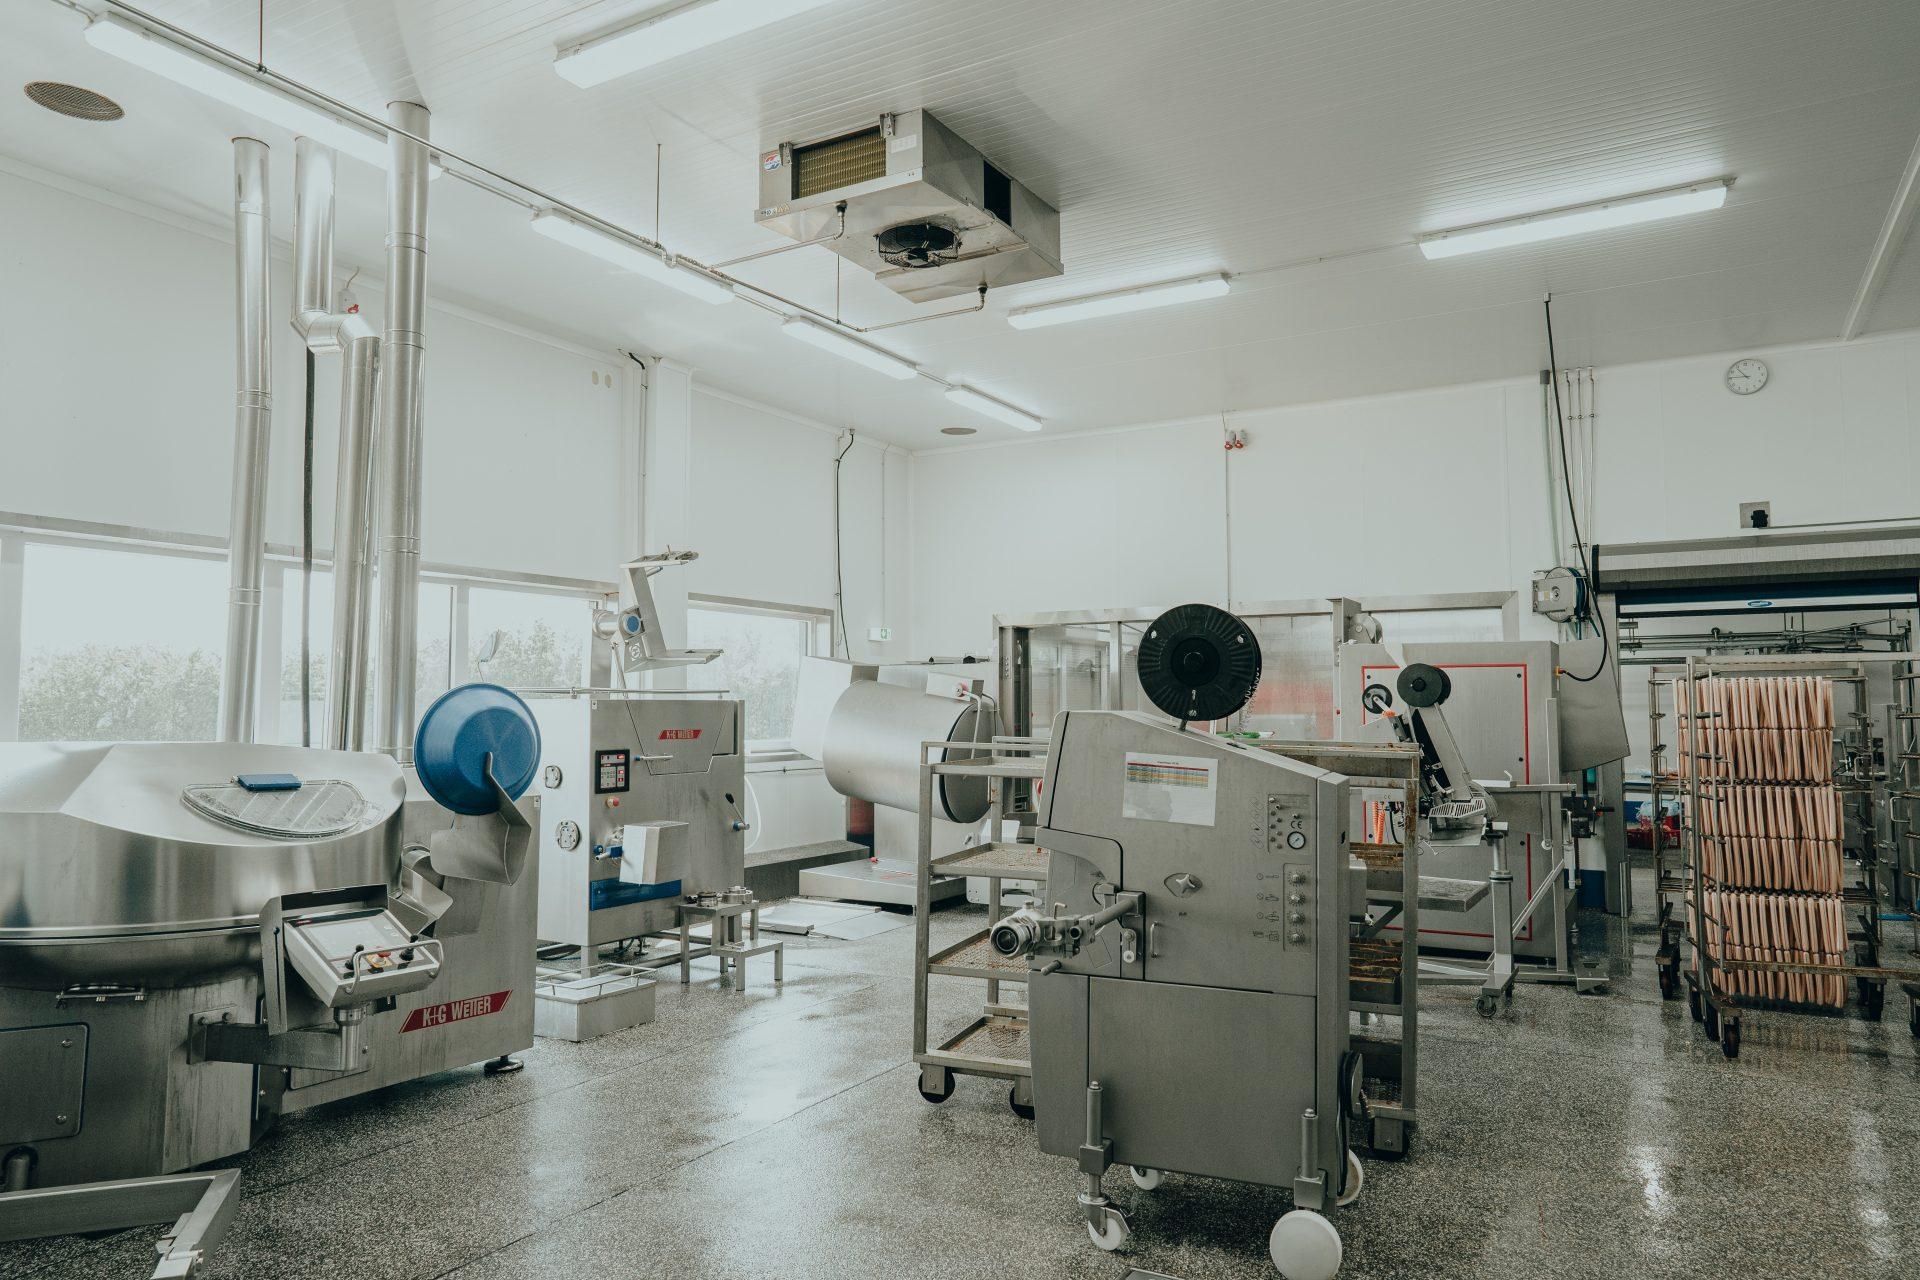 Klimalösungen in einer Metzgerei sorgt für die Gesundheit der Mitarbeiter und die Qualität der Produkte